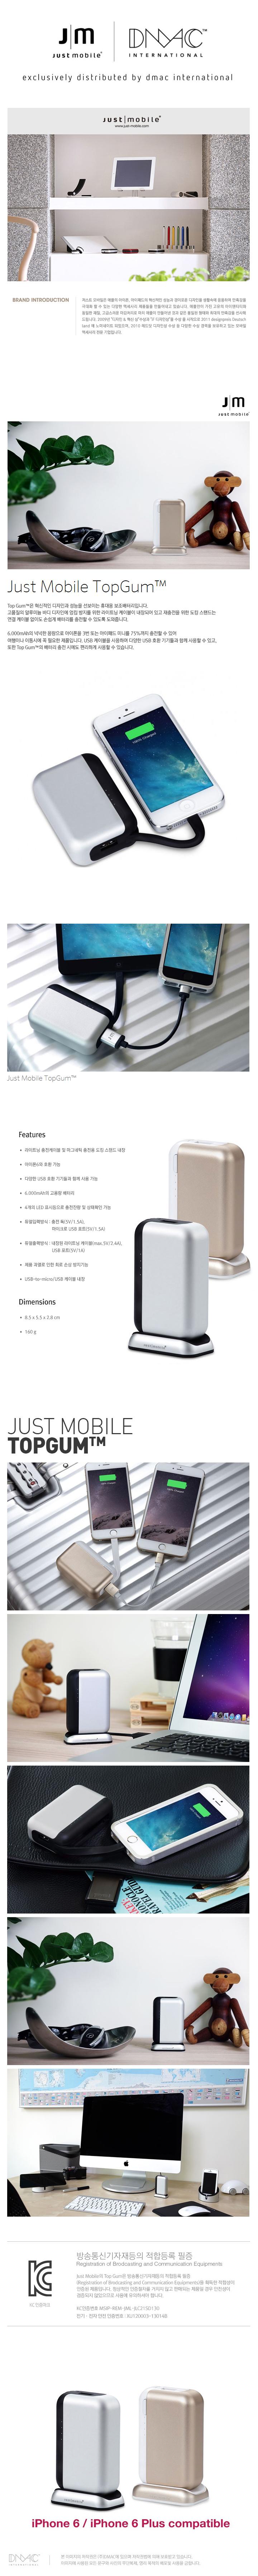 고품질의 알루미늄 바디 디자인에 엉킴방지를 위한 라이트닝 케이블 내장 재충전을 위한 도킹 스탠드